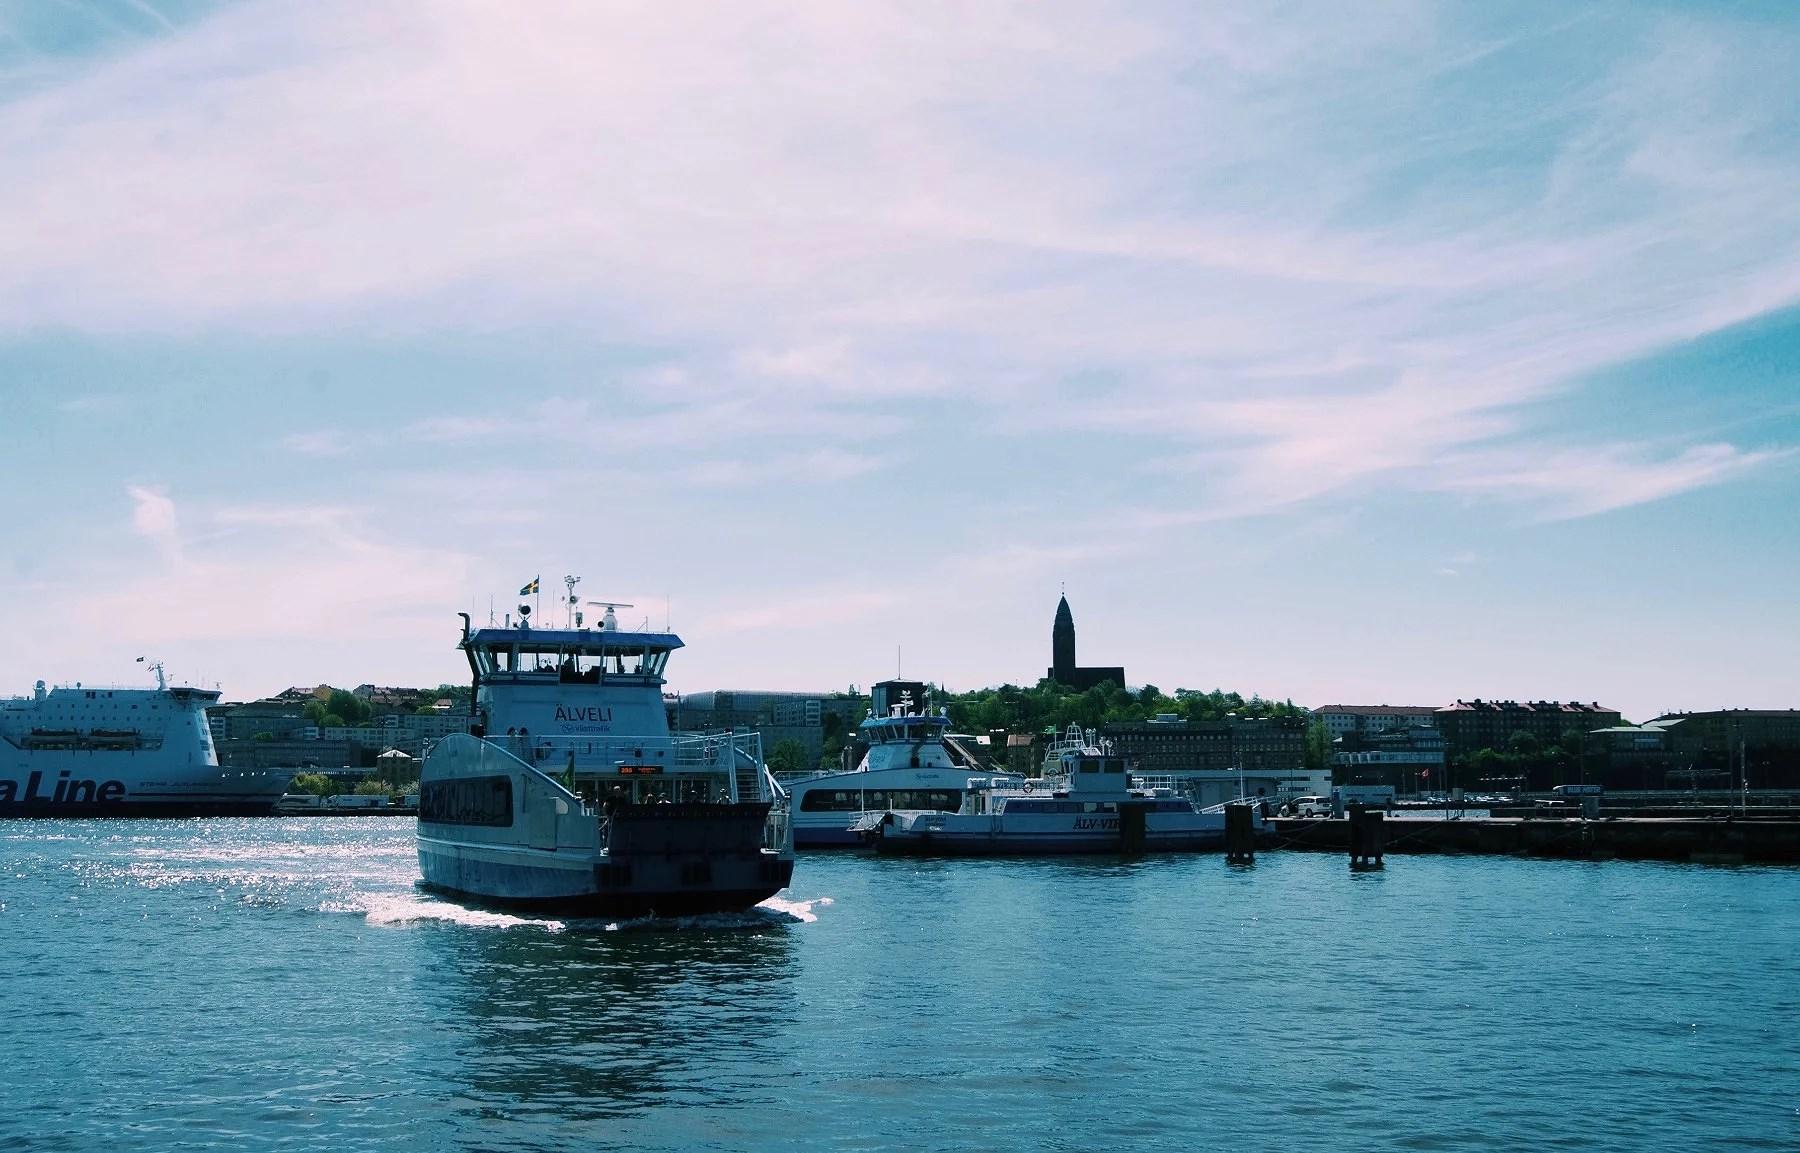 TVÅ BÄSTA VÄNNER, VÄDER DELUXE  & KUNGAFAMILJEN